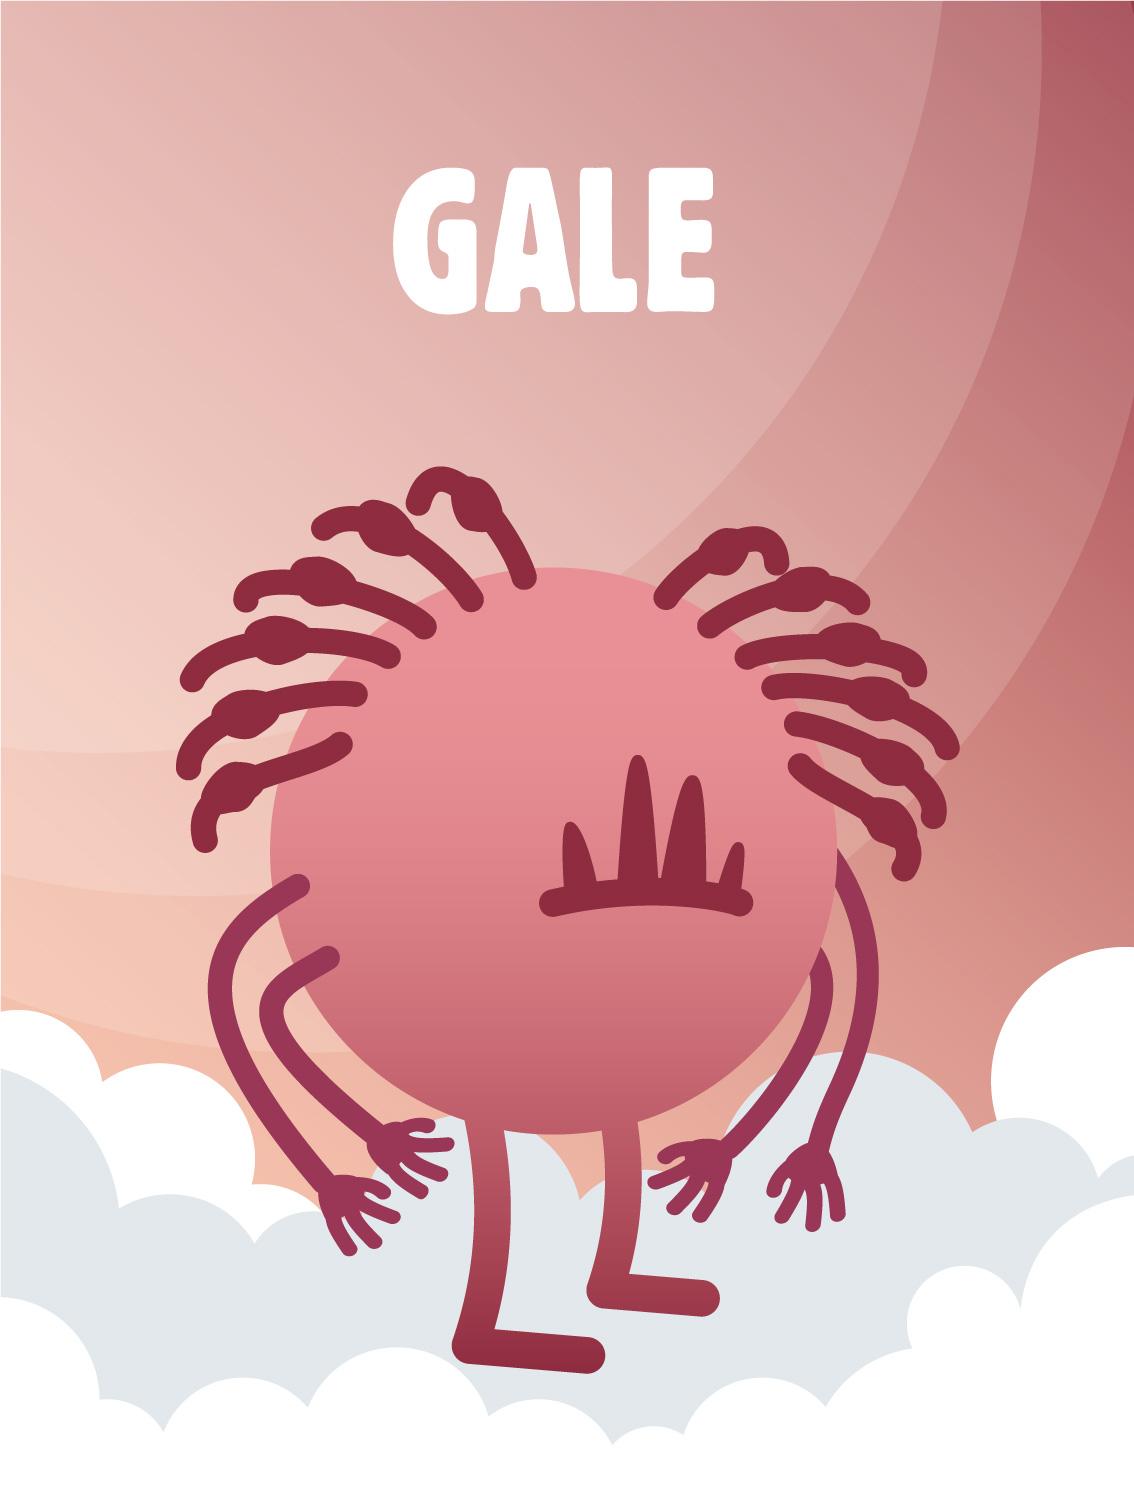 Gale, dépistage, IST, MST, infections sexuellement transmissibles, rapport sexuel à risque